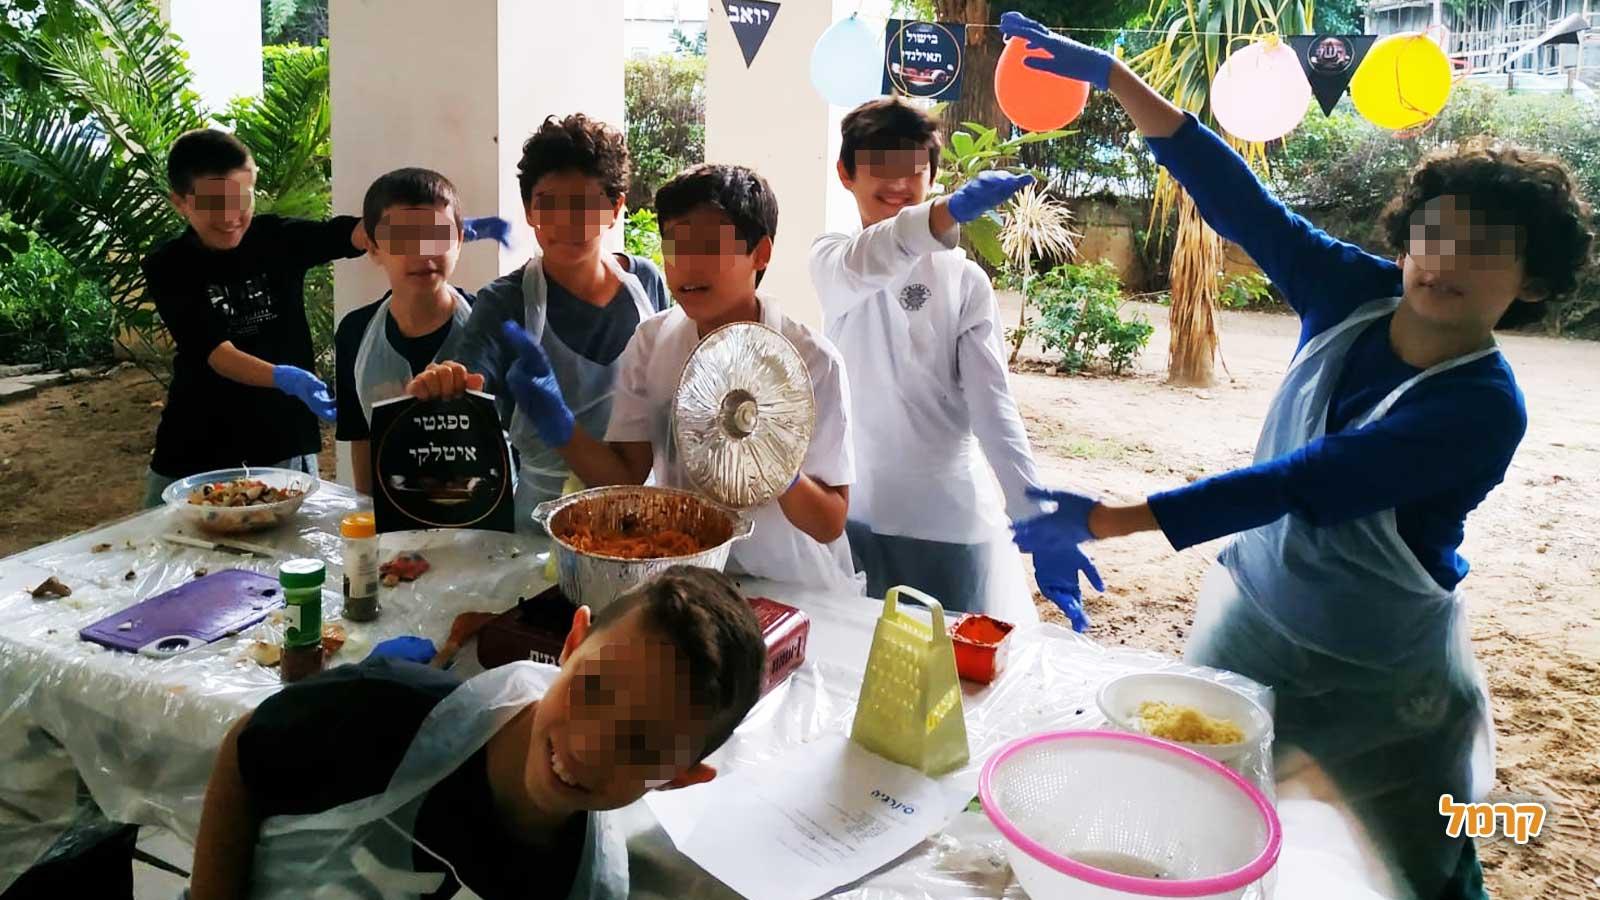 סינרקידס - סדנות טעימות לילדים - 073-7026332